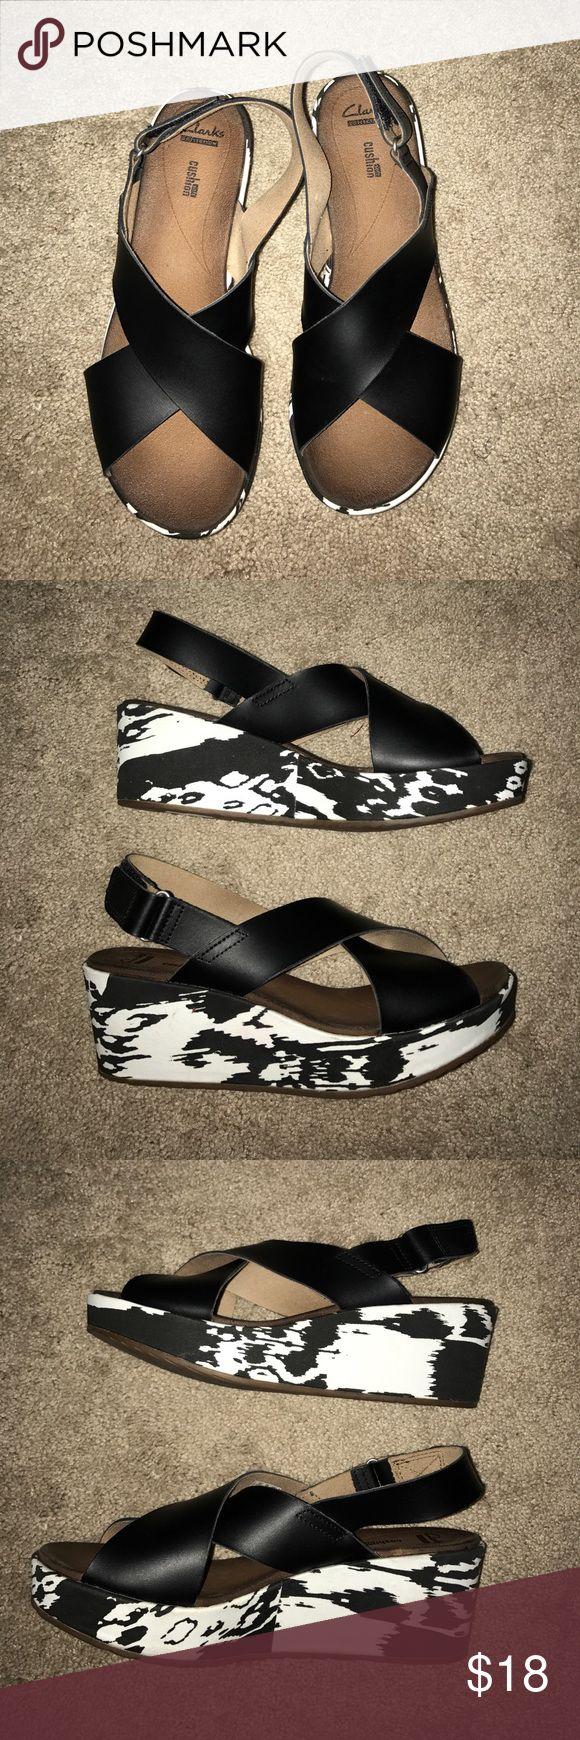 Black sandals 2 inch heel - Clarks Black And Cream Platform Sandals 2 Inch Heelsclark